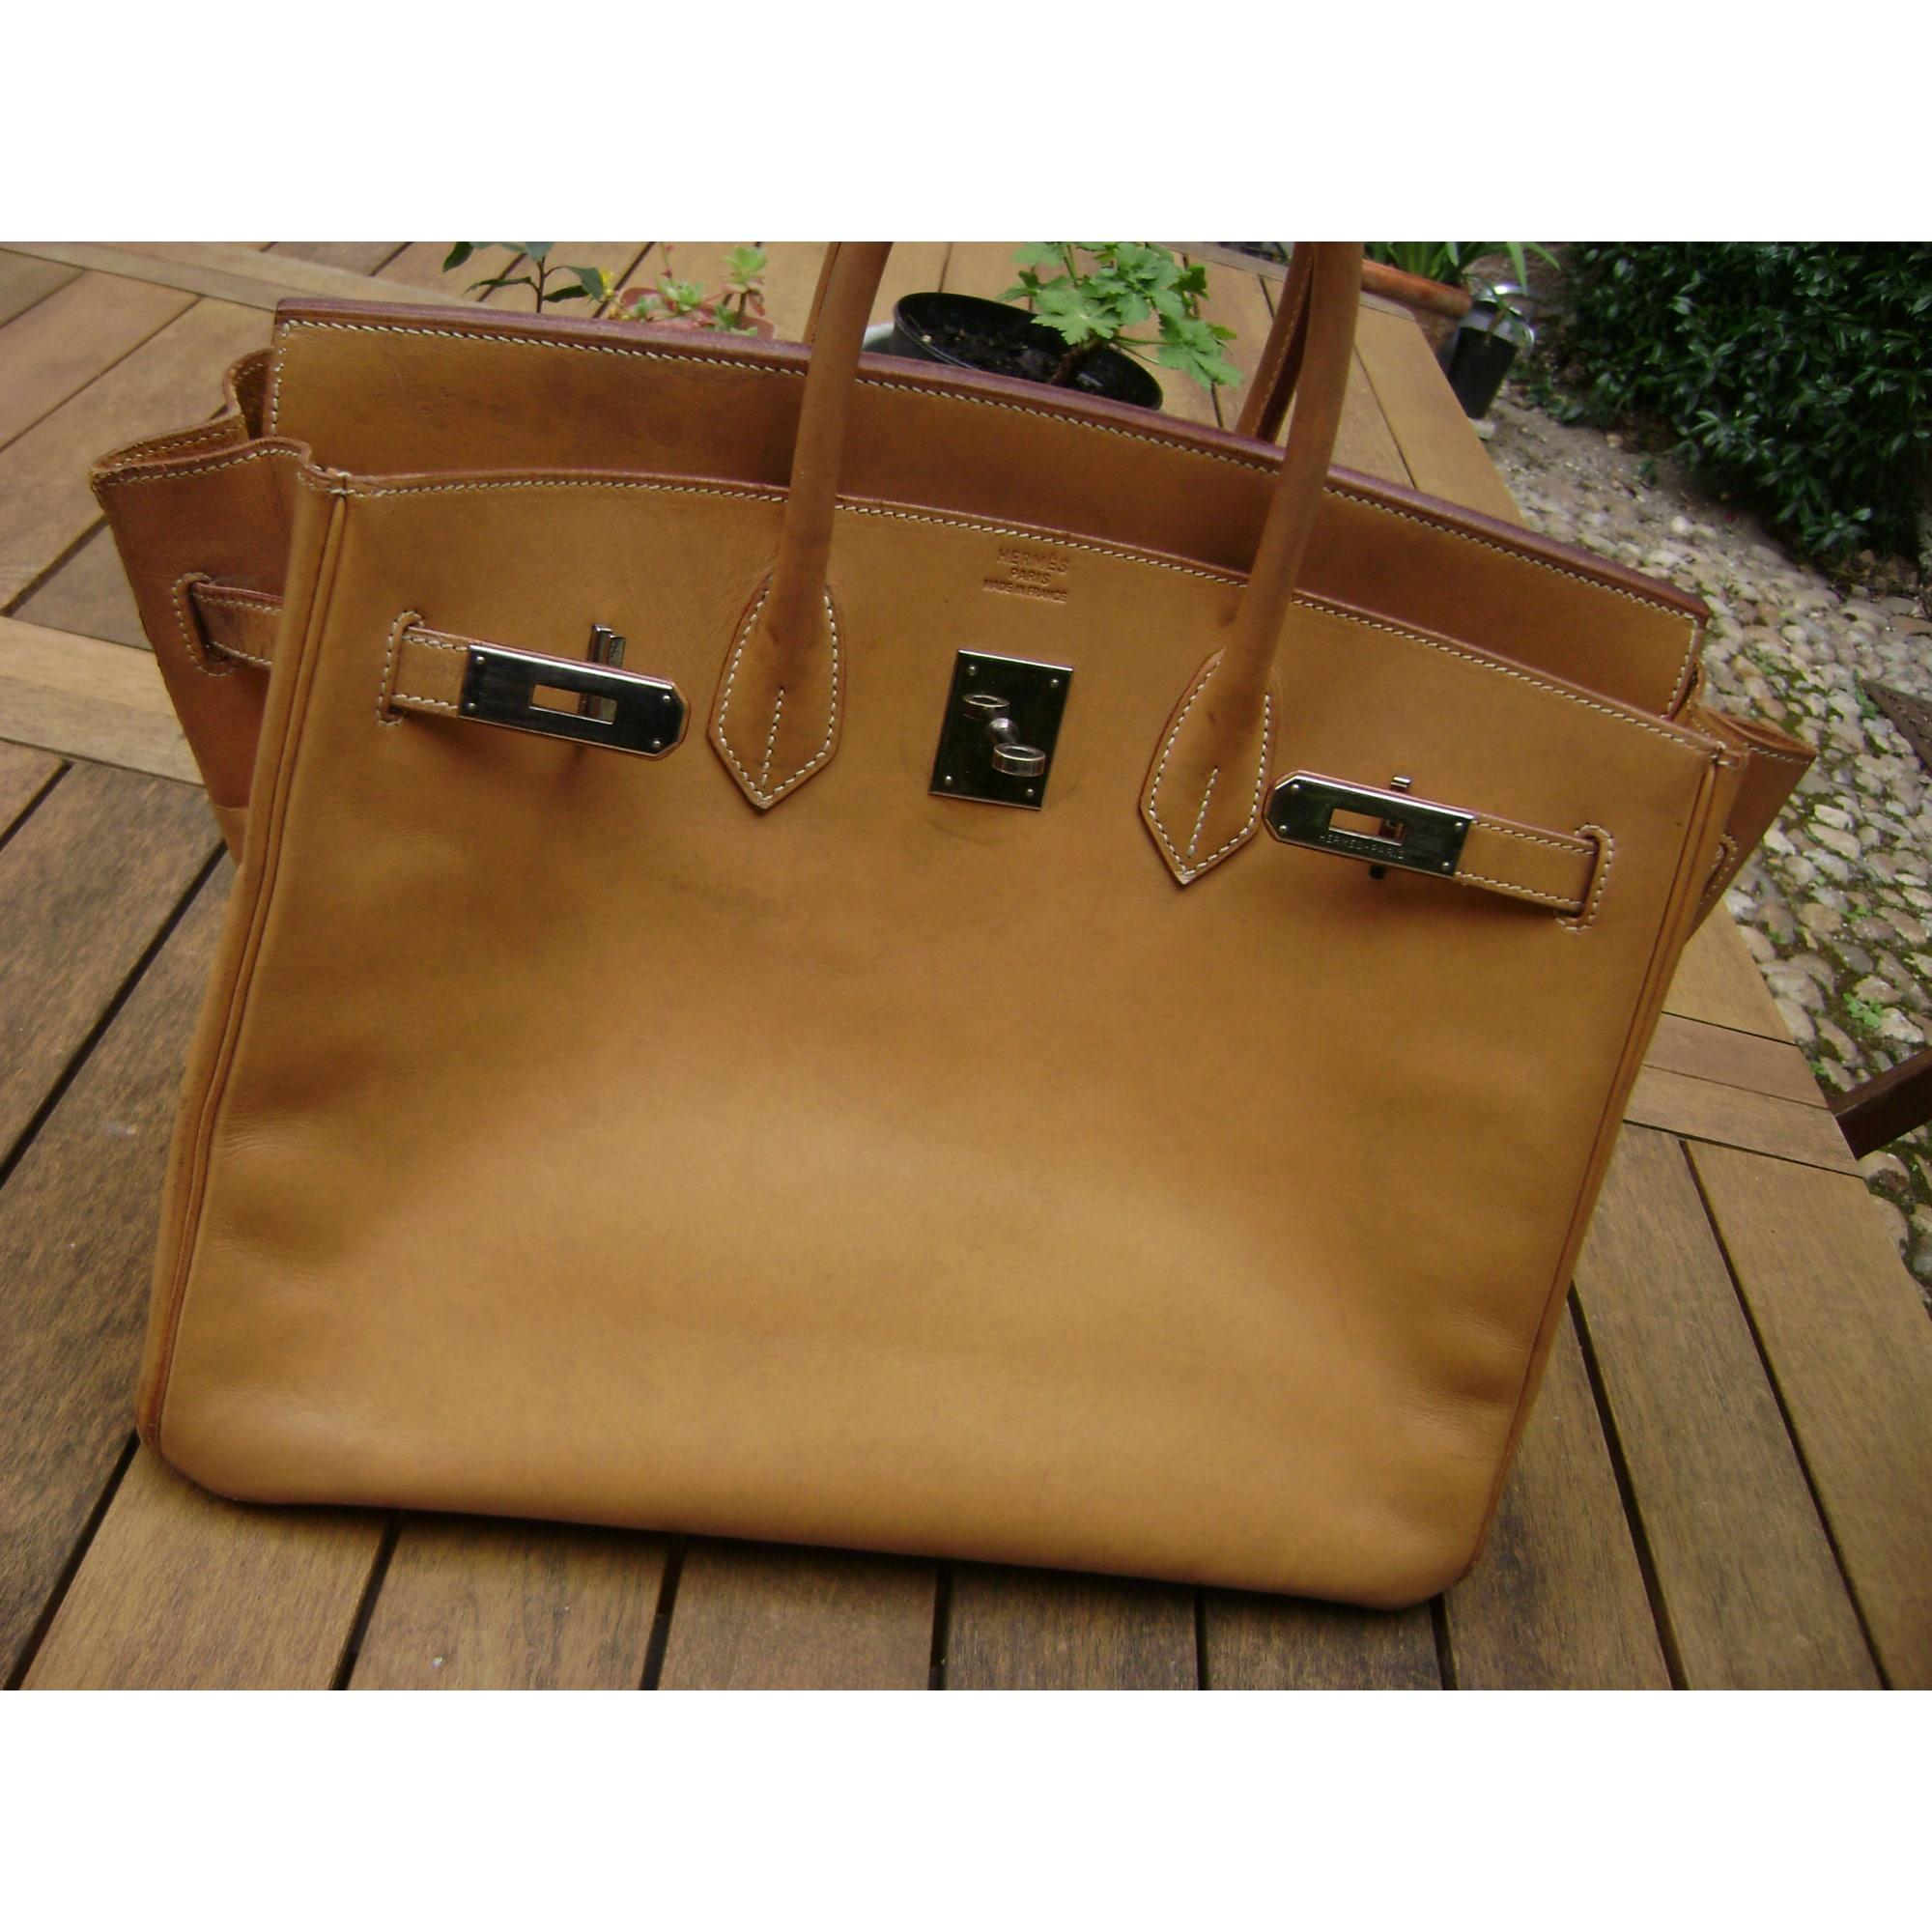 33586d6599 Sac à main en cuir HERMÈS jaune vendu par Lily, le vide dressing ...